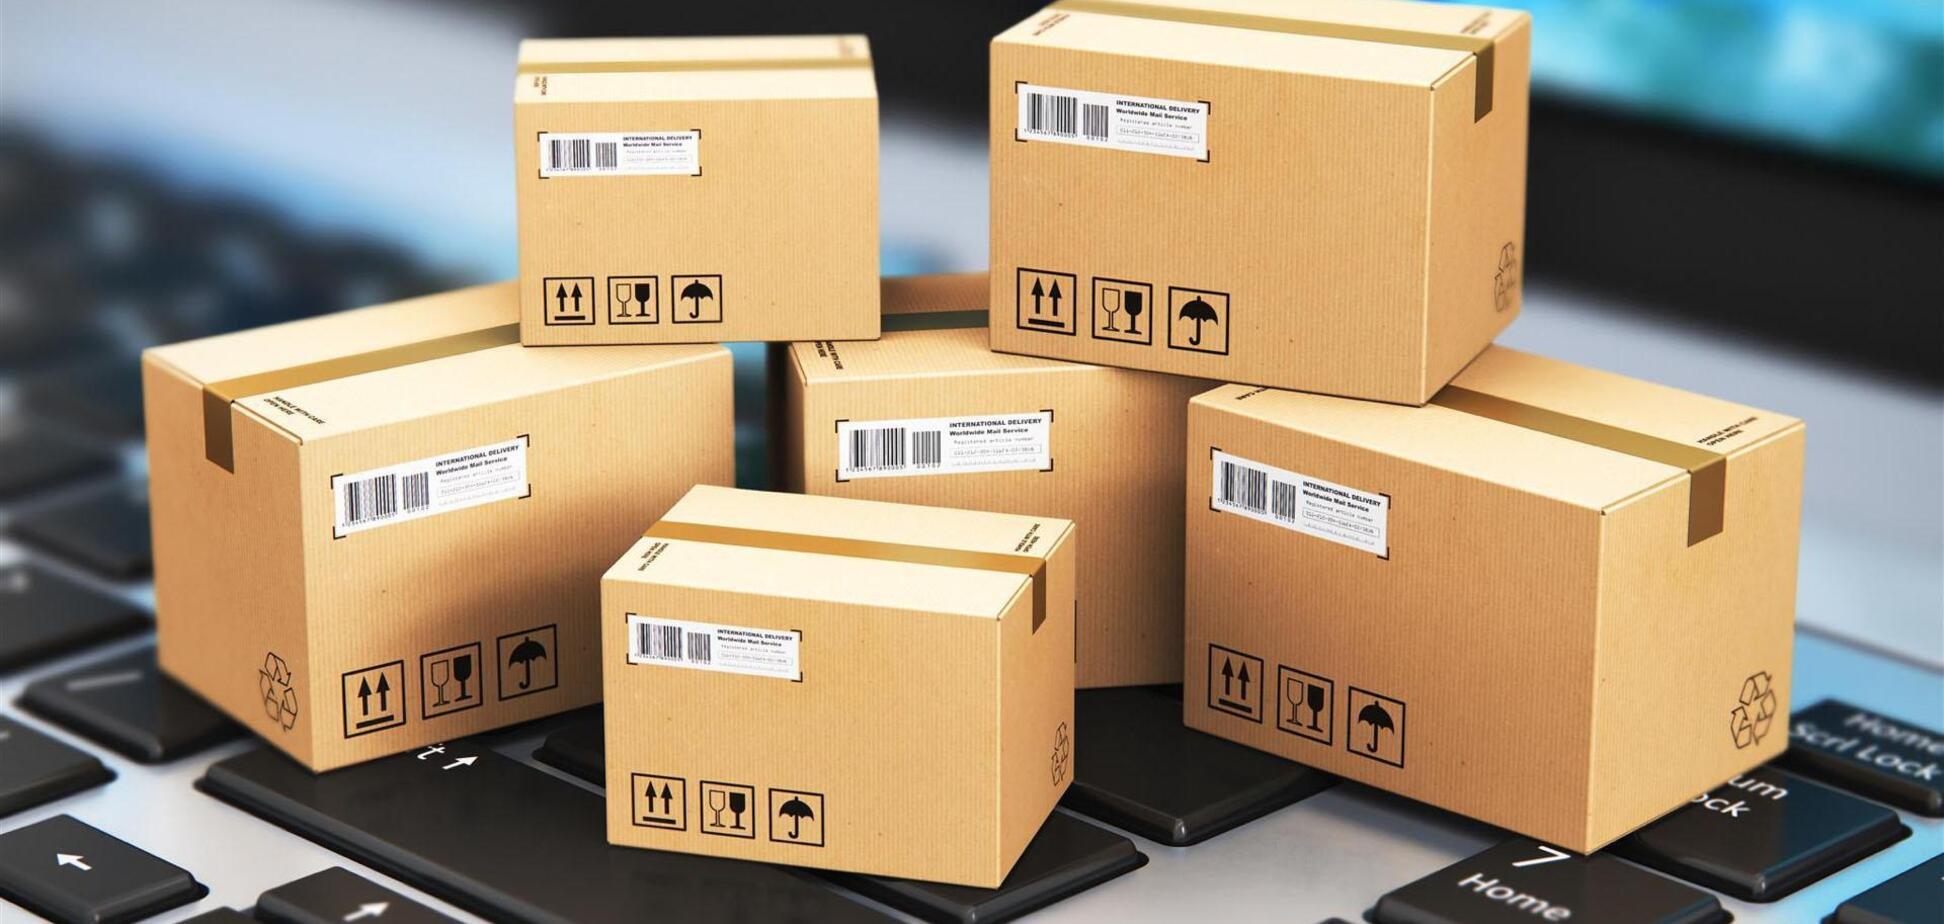 Изменения законодательства о почтовых услугах устанавливают монополию – отчет